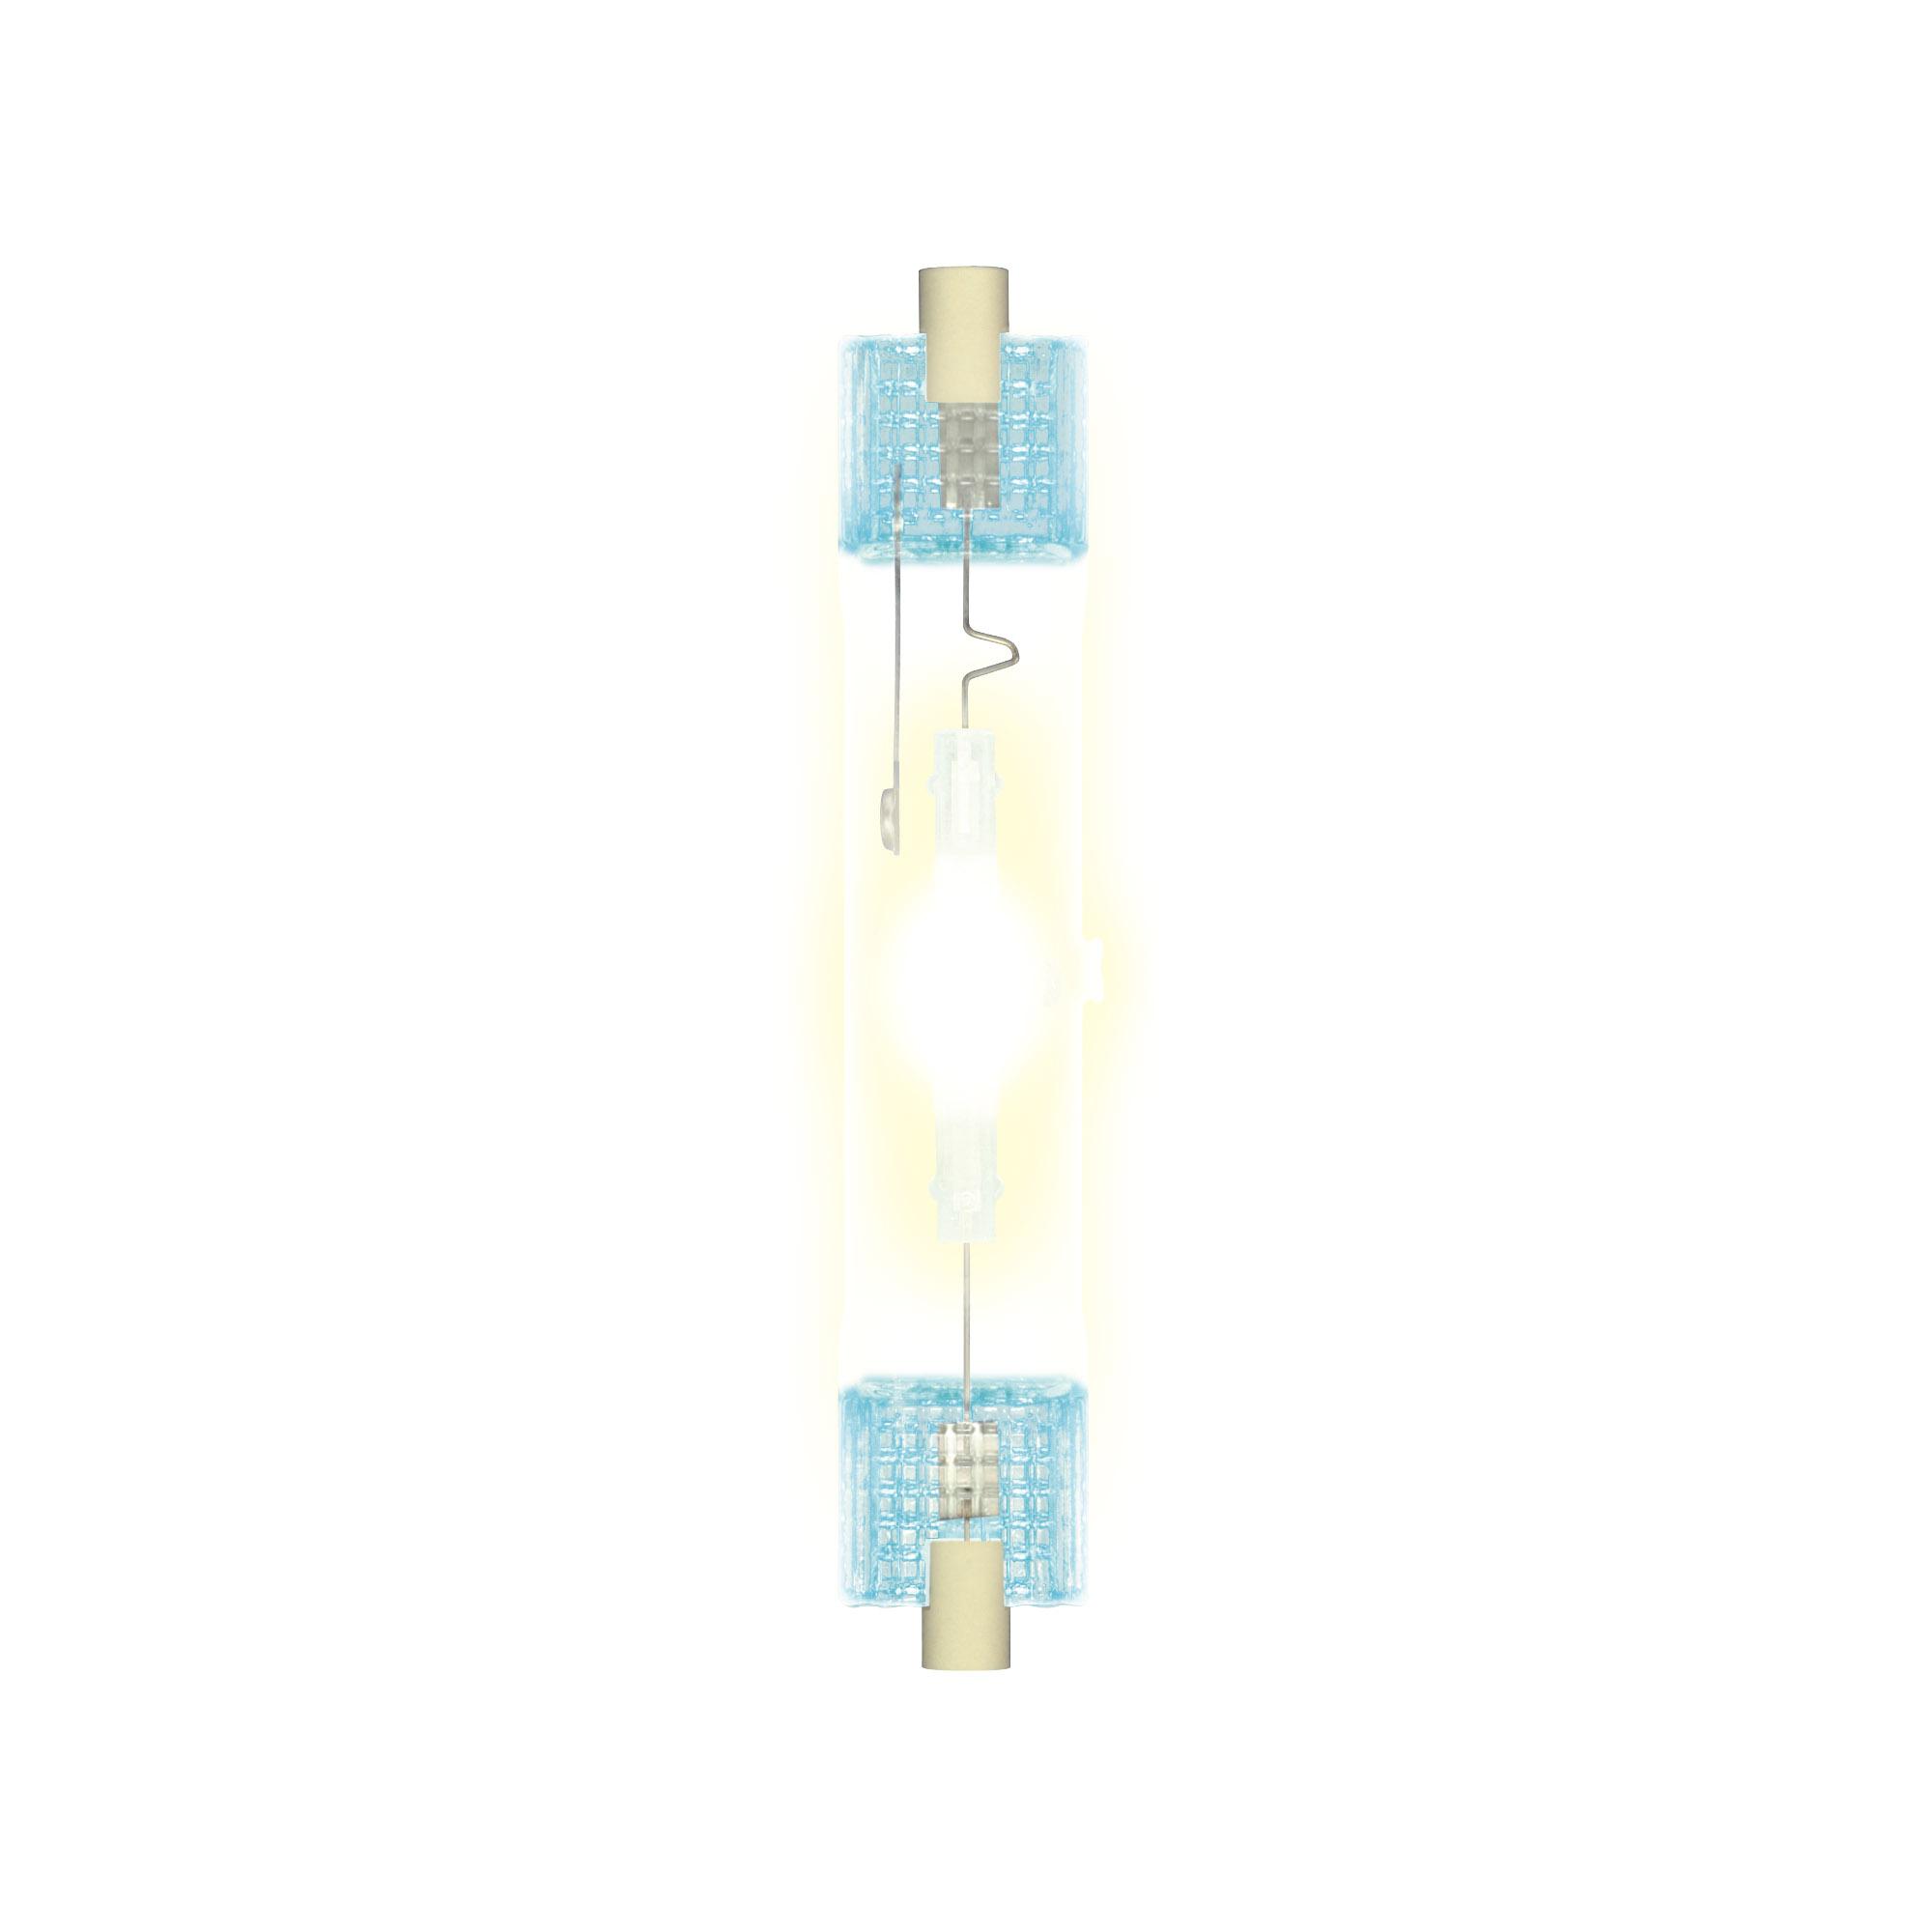 Лампа газоразрядная Uniel Mh-de-70/3300/r7s 24шт